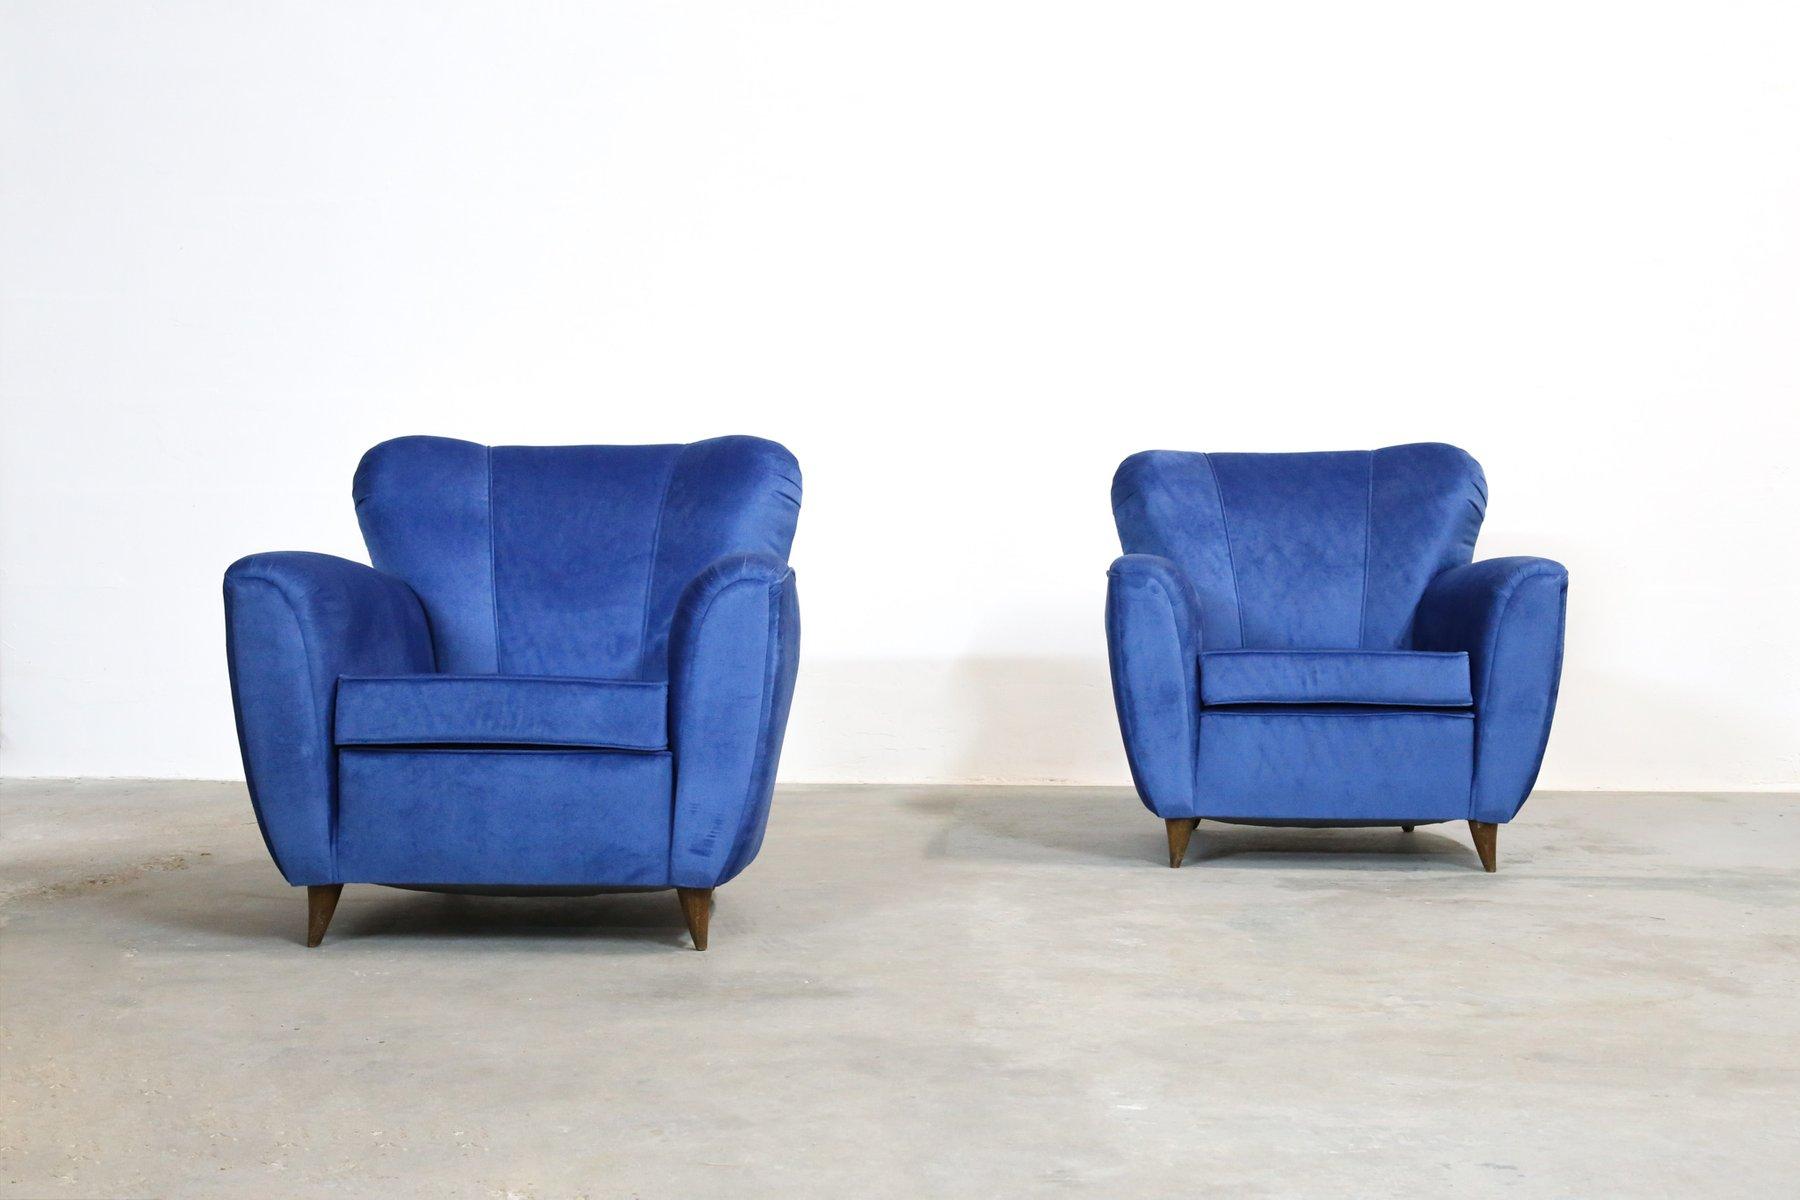 Poltrone vintage blu italia anni 39 60 set di 2 in - Poltrone vintage design ...